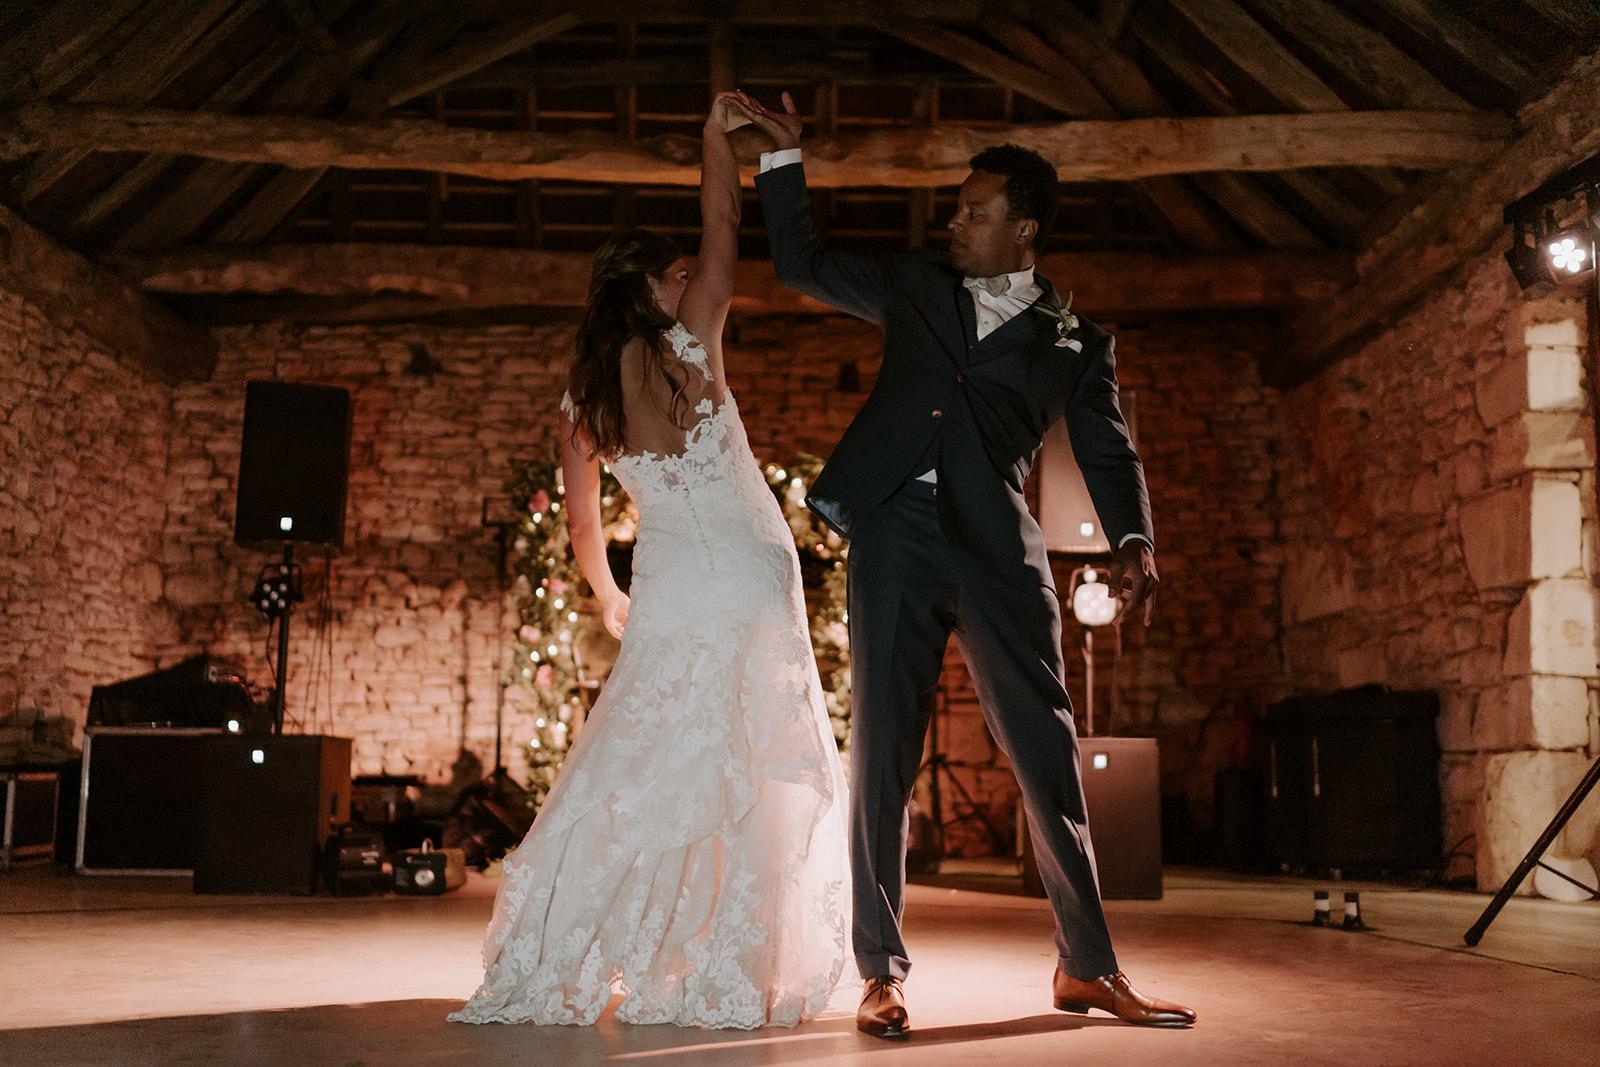 danse-couple-marie-soiree-faire-appel